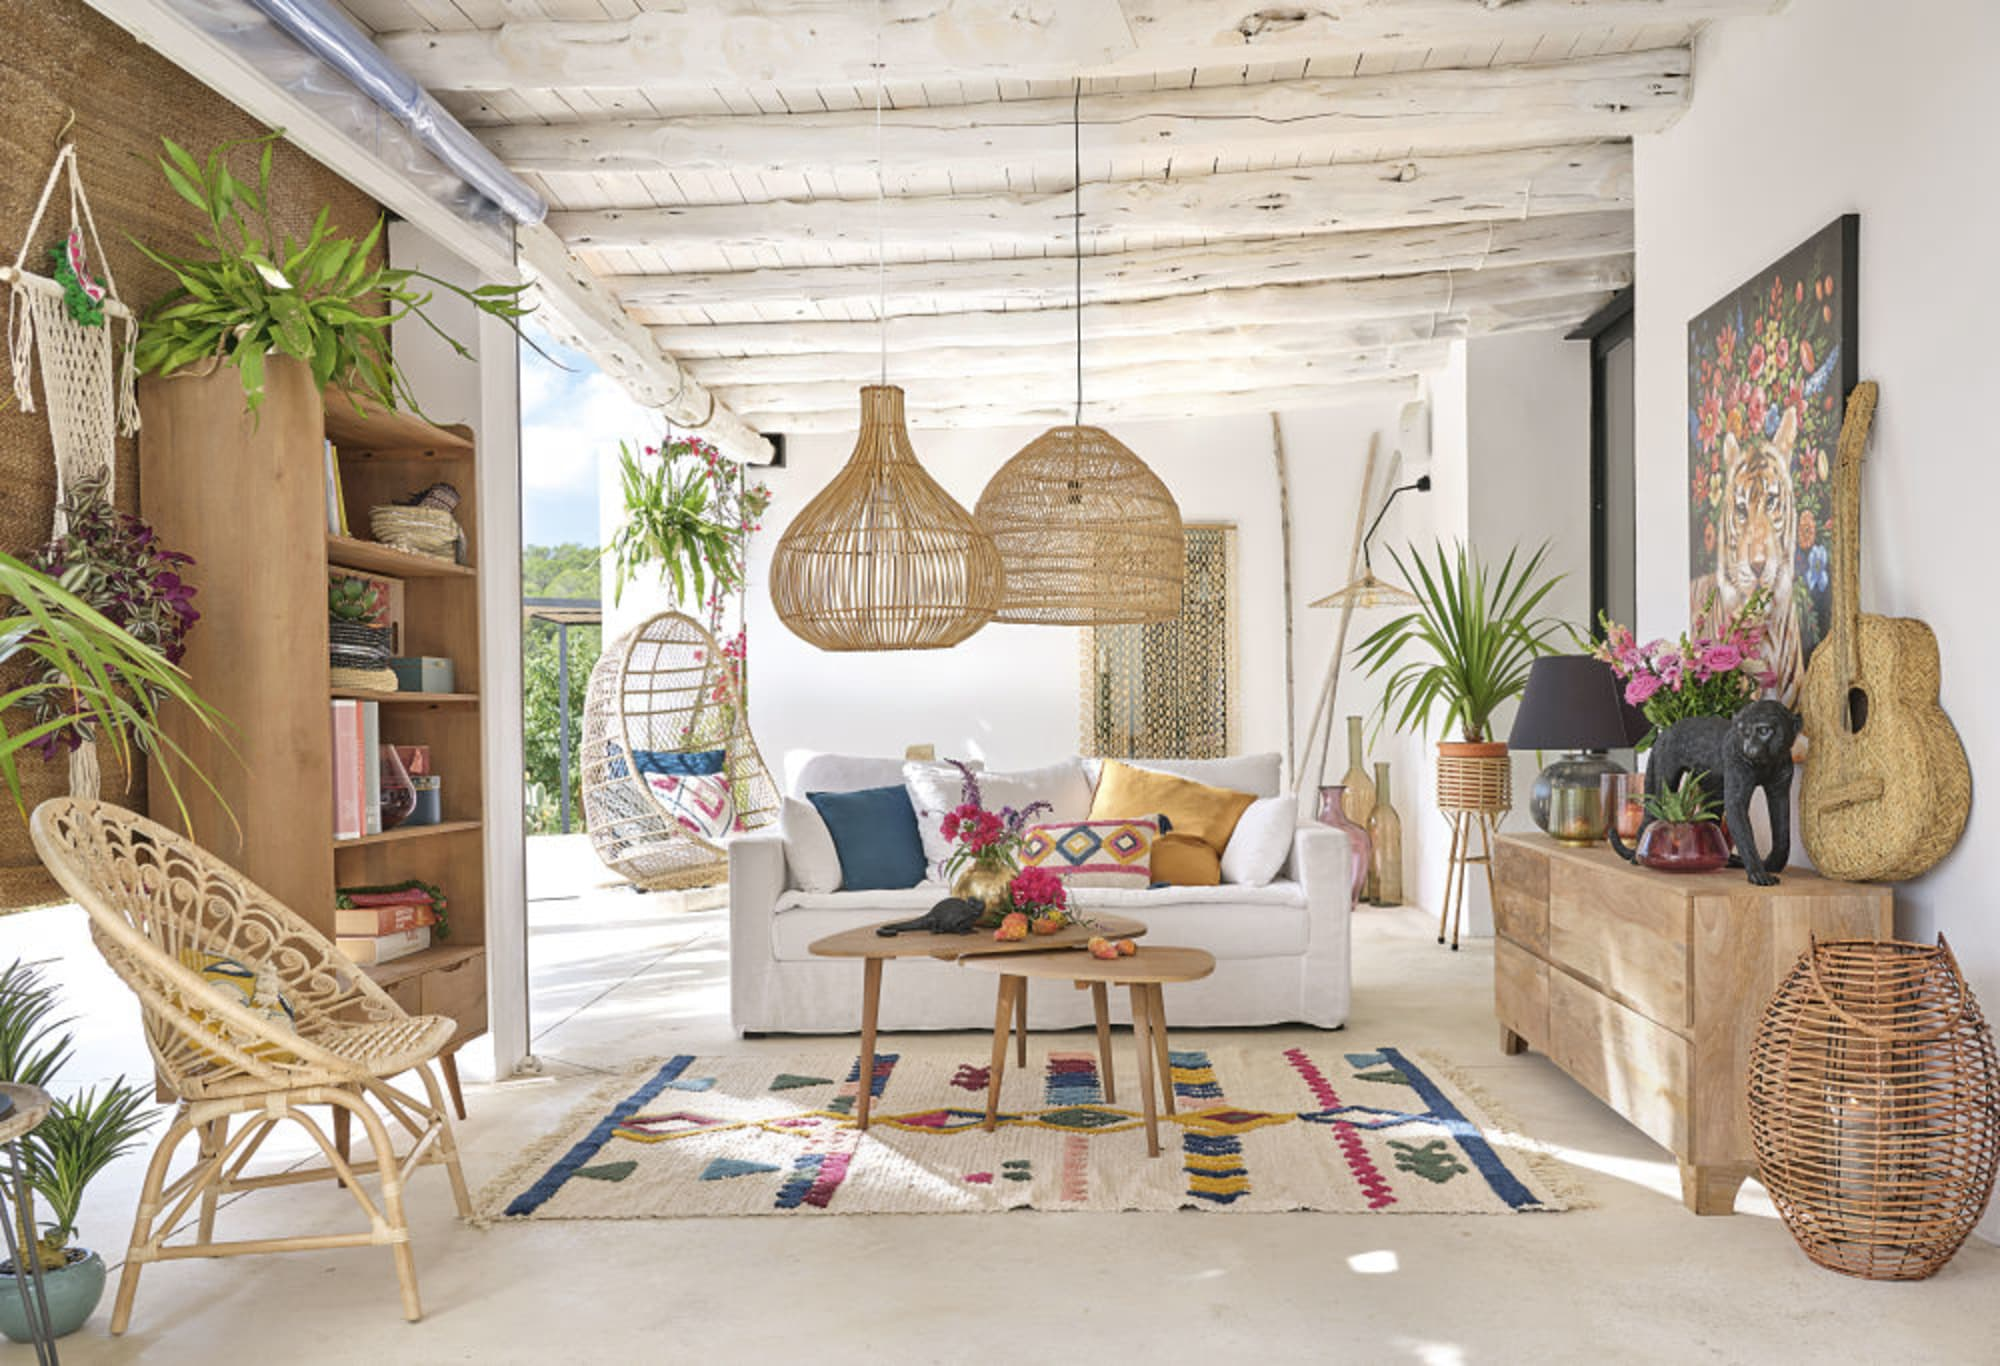 Comment préparer nos intérieurs à accueillir l'été ?